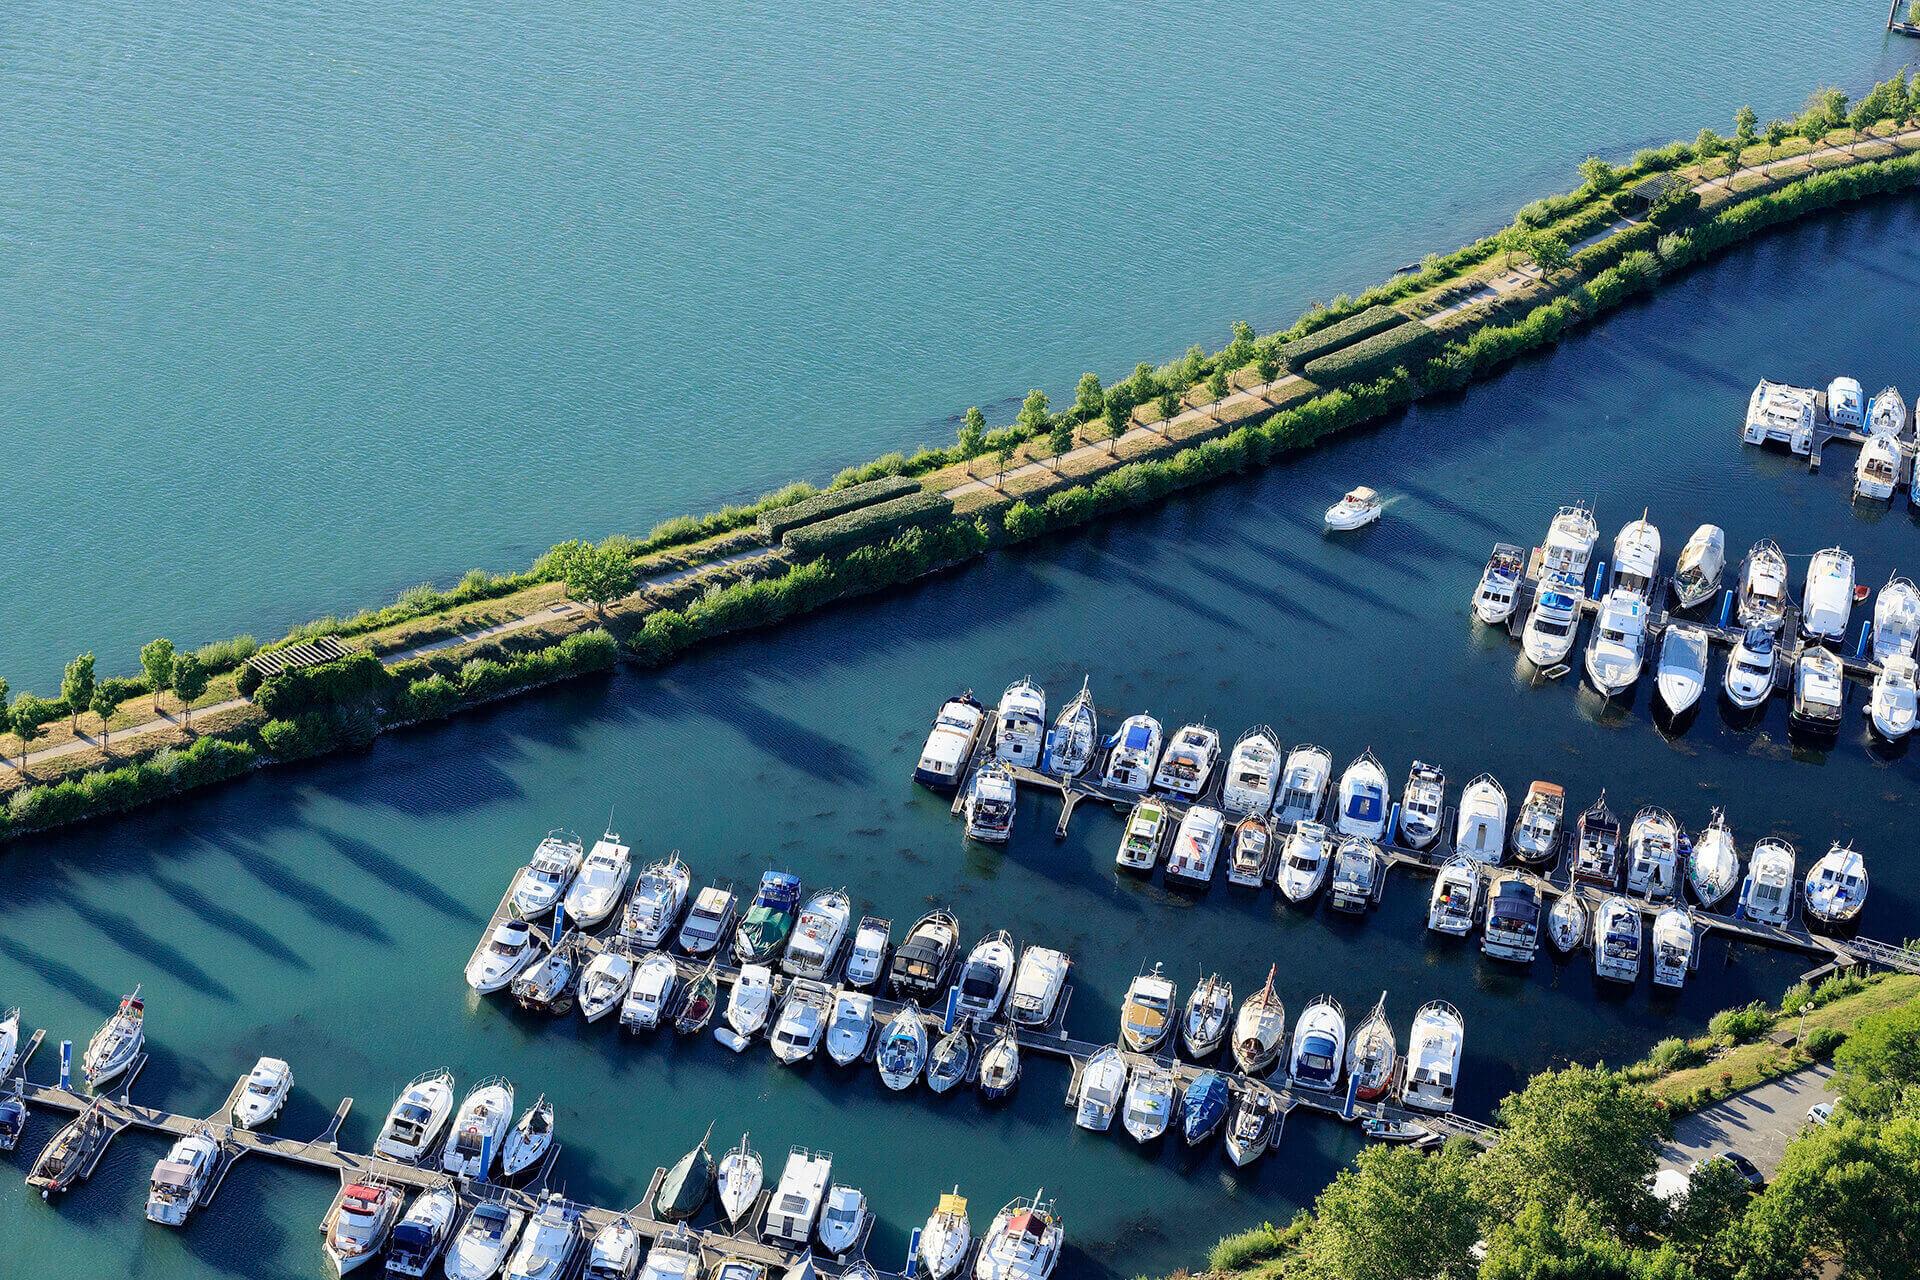 Le fleuve Rhône, Km 556 Drôme, Valence, Port de l'Épervière